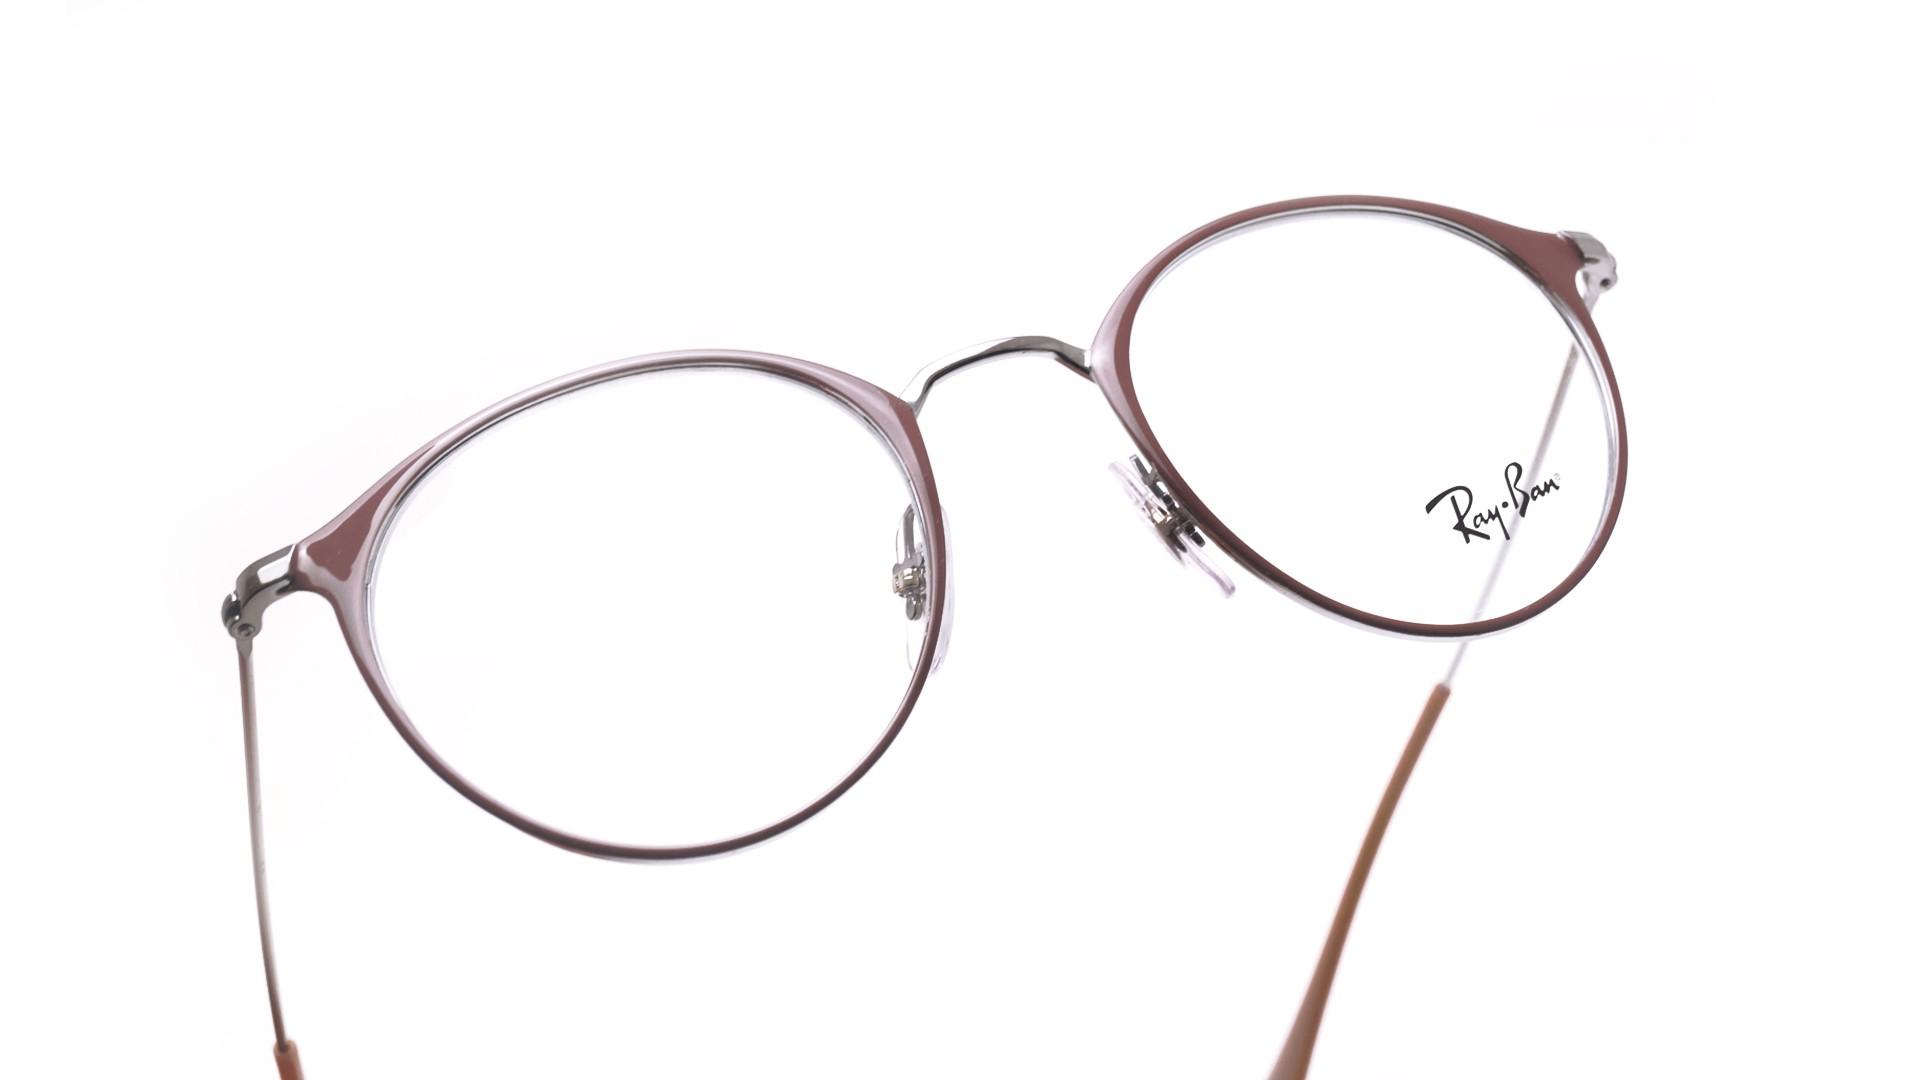 Ray-ban Eyeglasses Rx6378   CINEMAS 93 adae73881ffe